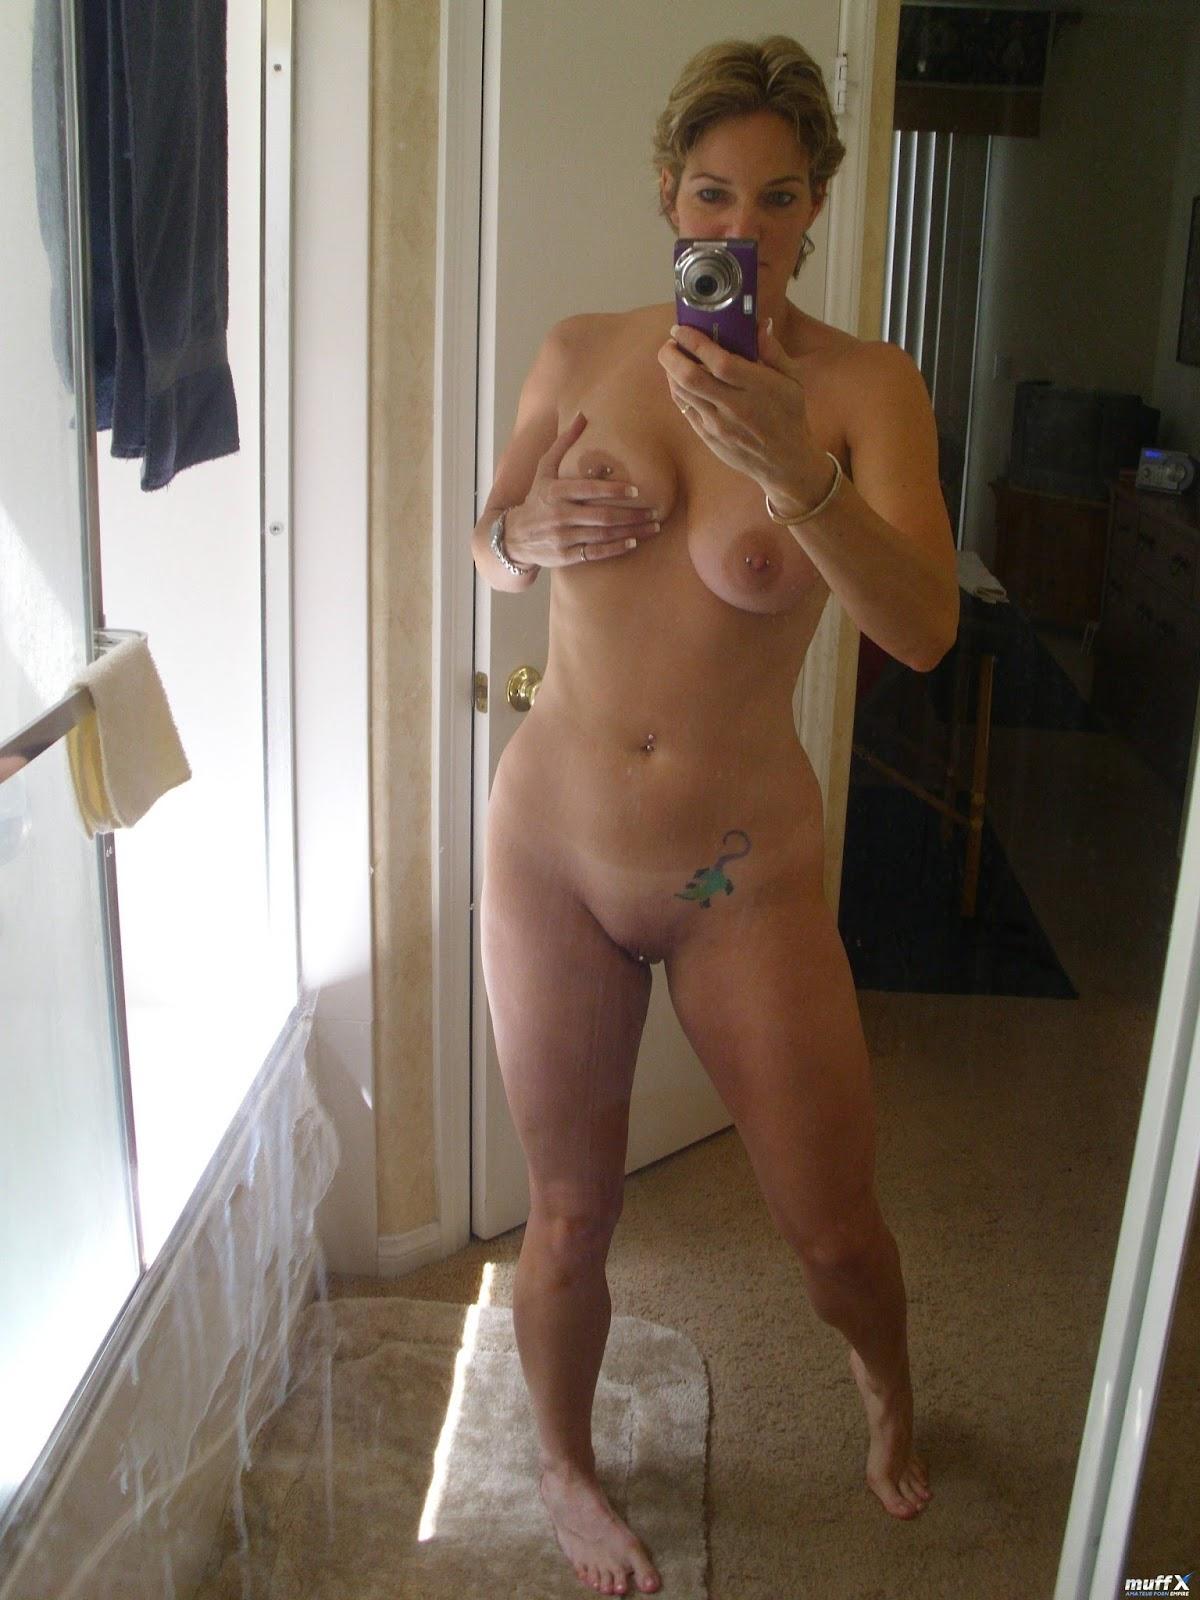 nude girls selfies in gym